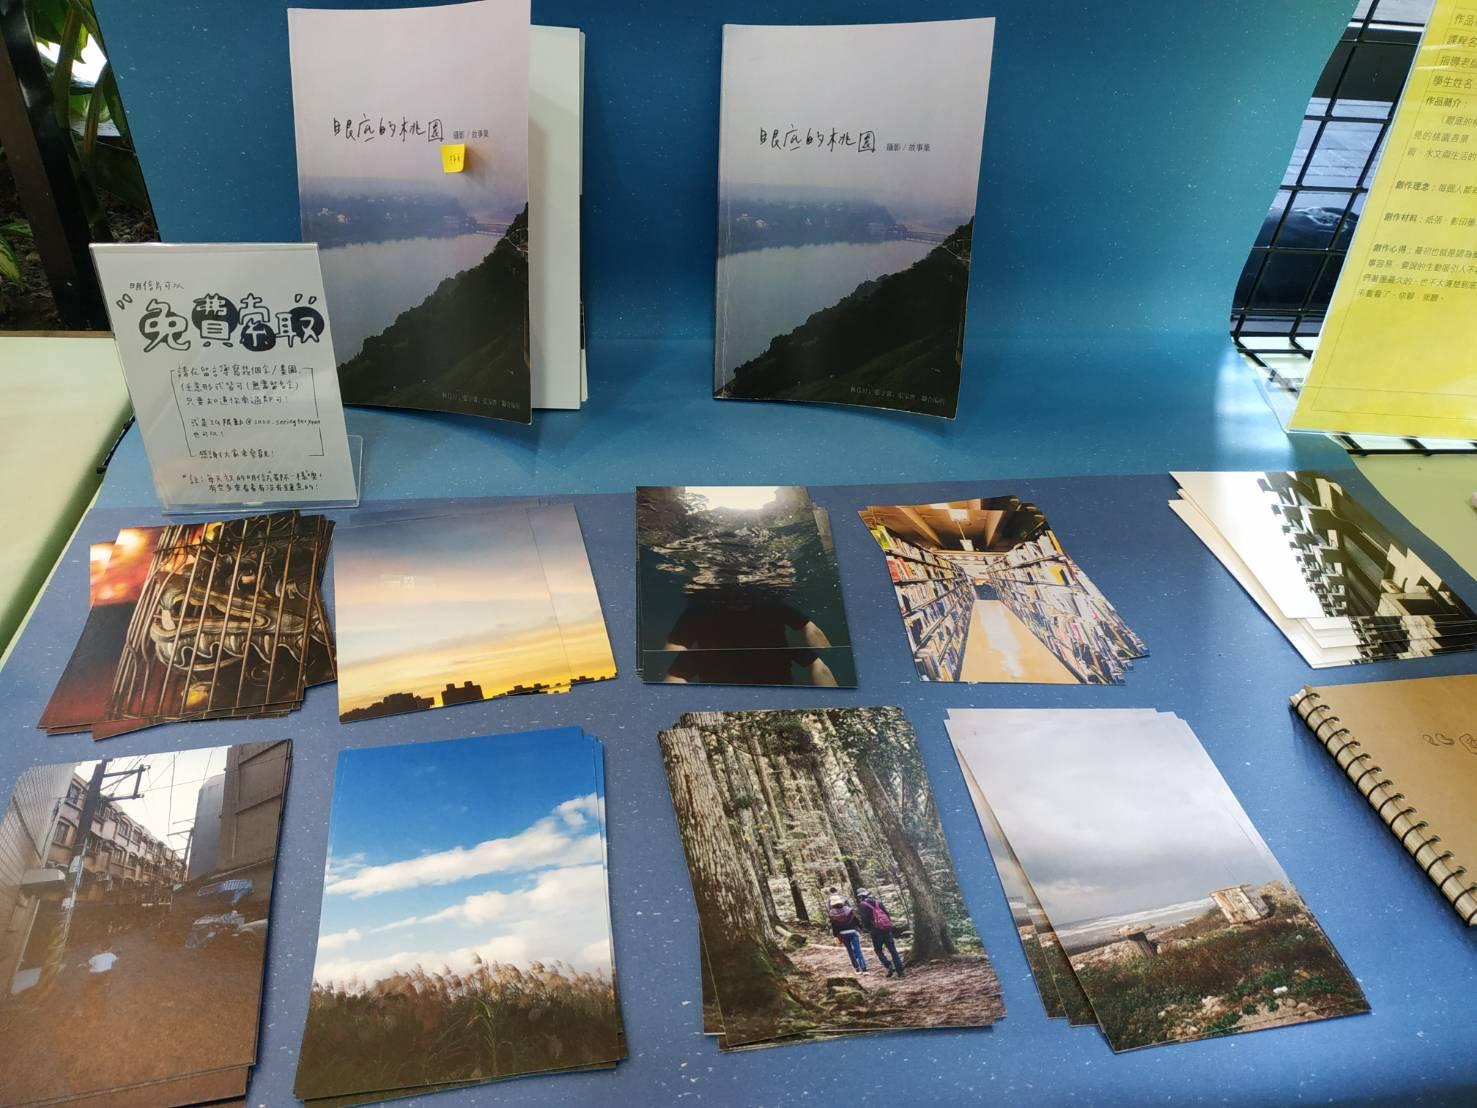 「眼底的桃園」組學生自己拍攝並印製明信片,讓民眾自由索取,呈現不同風貌的桃園之美。.jpg